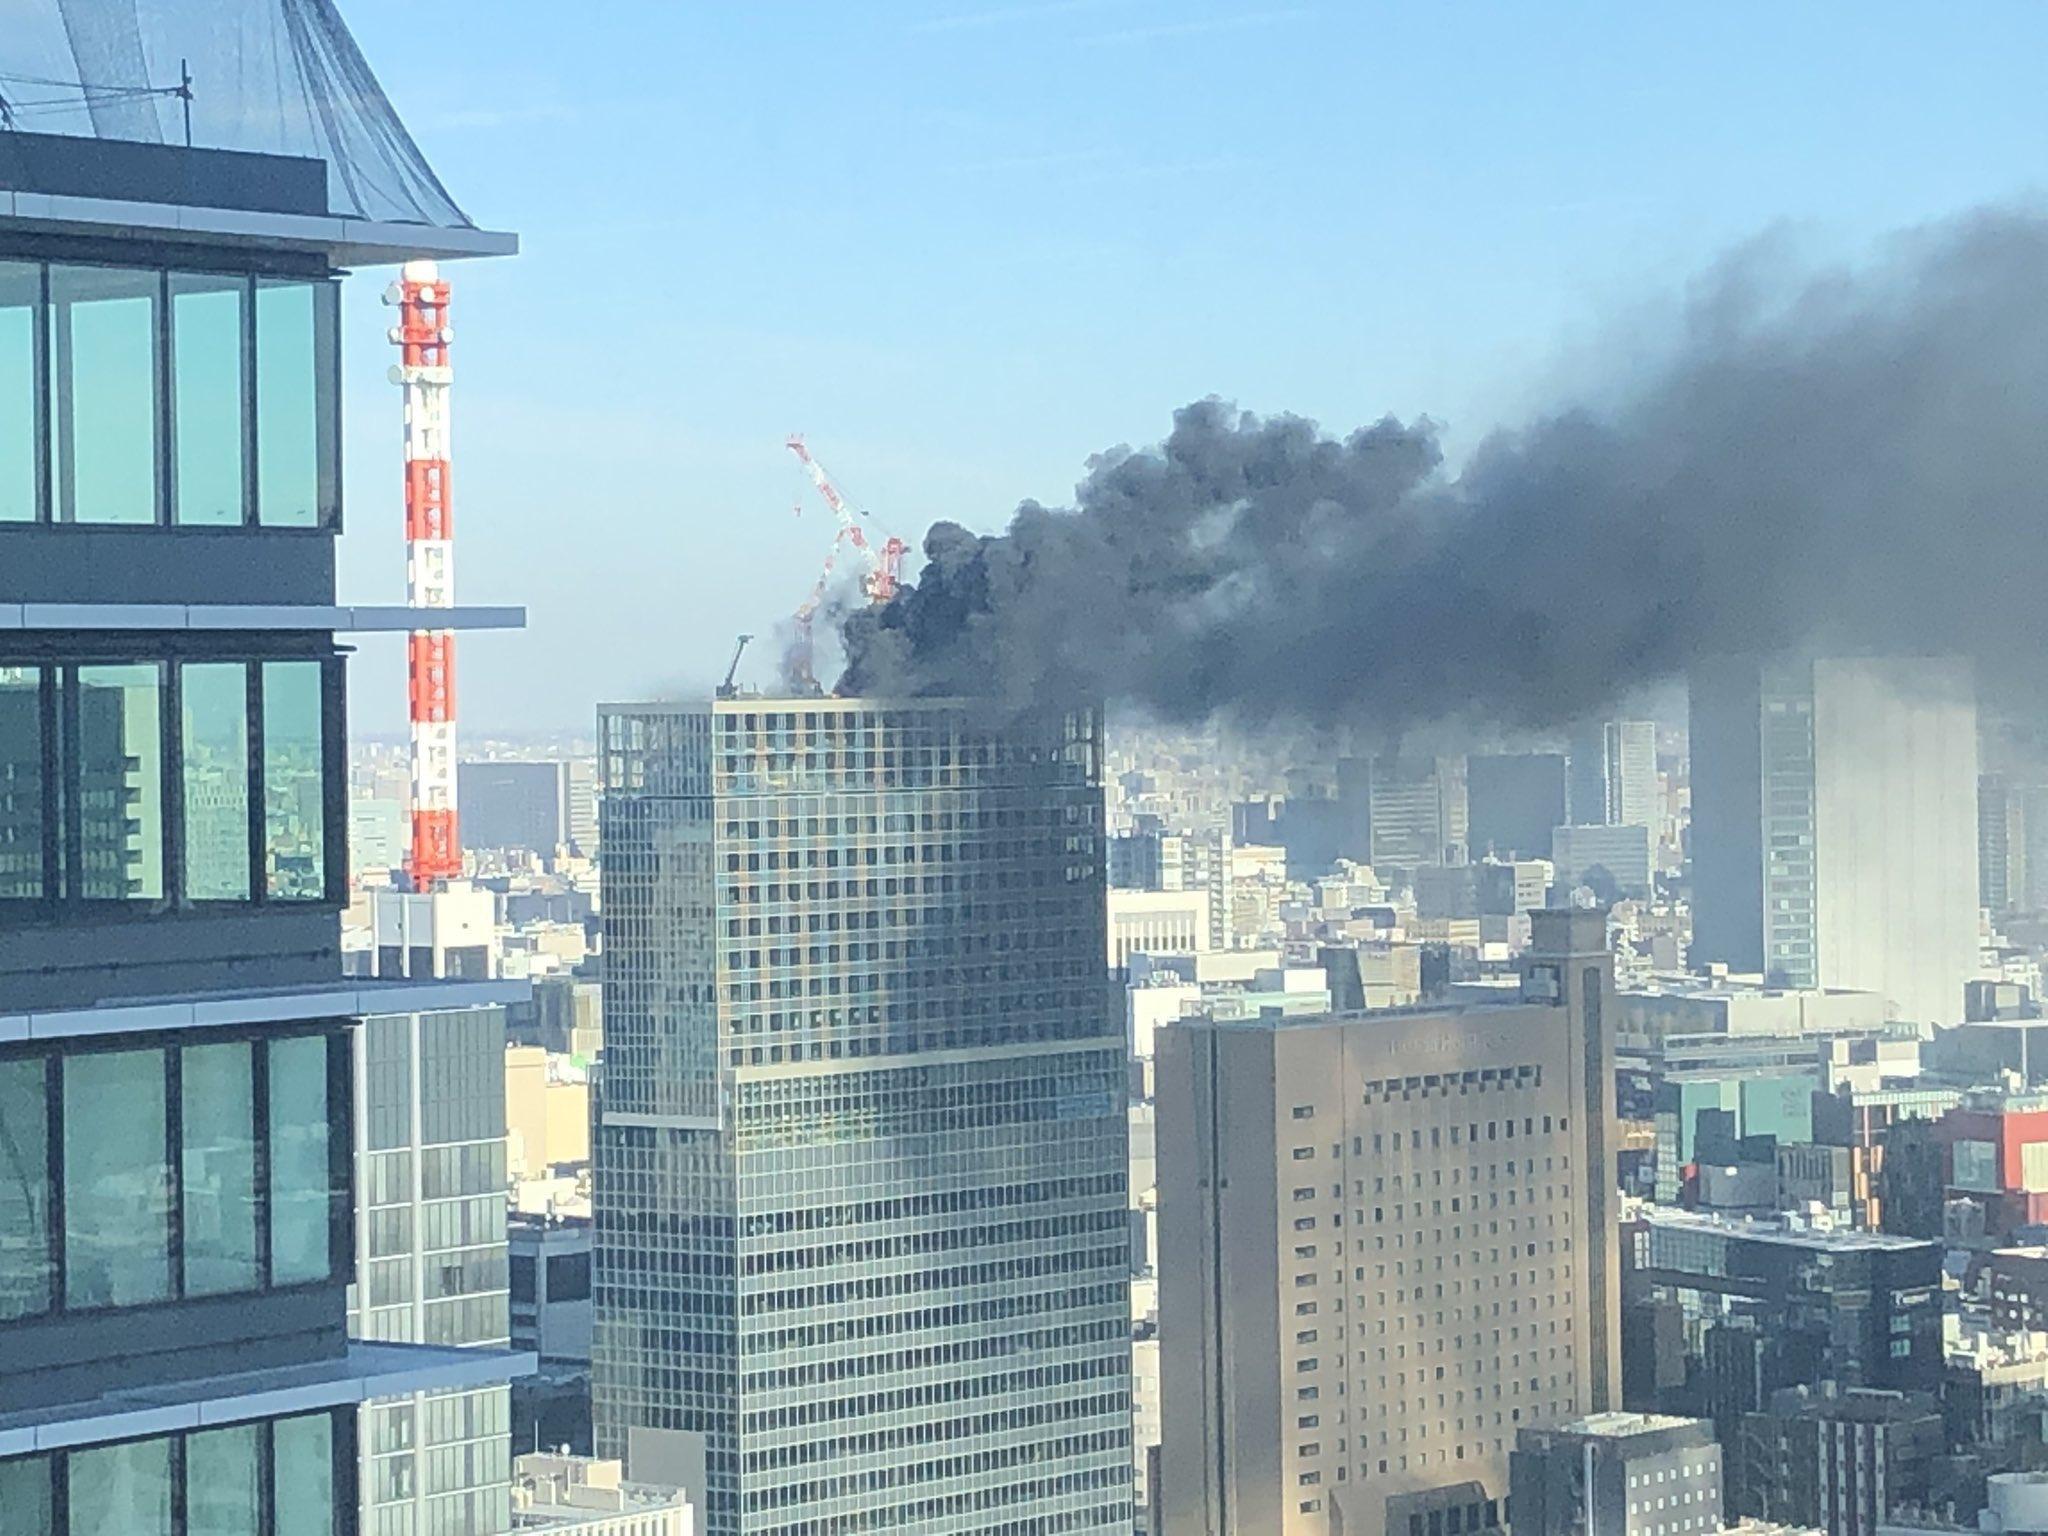 画像,新橋で火事だ https://t.co/C6aYsWHdhx。